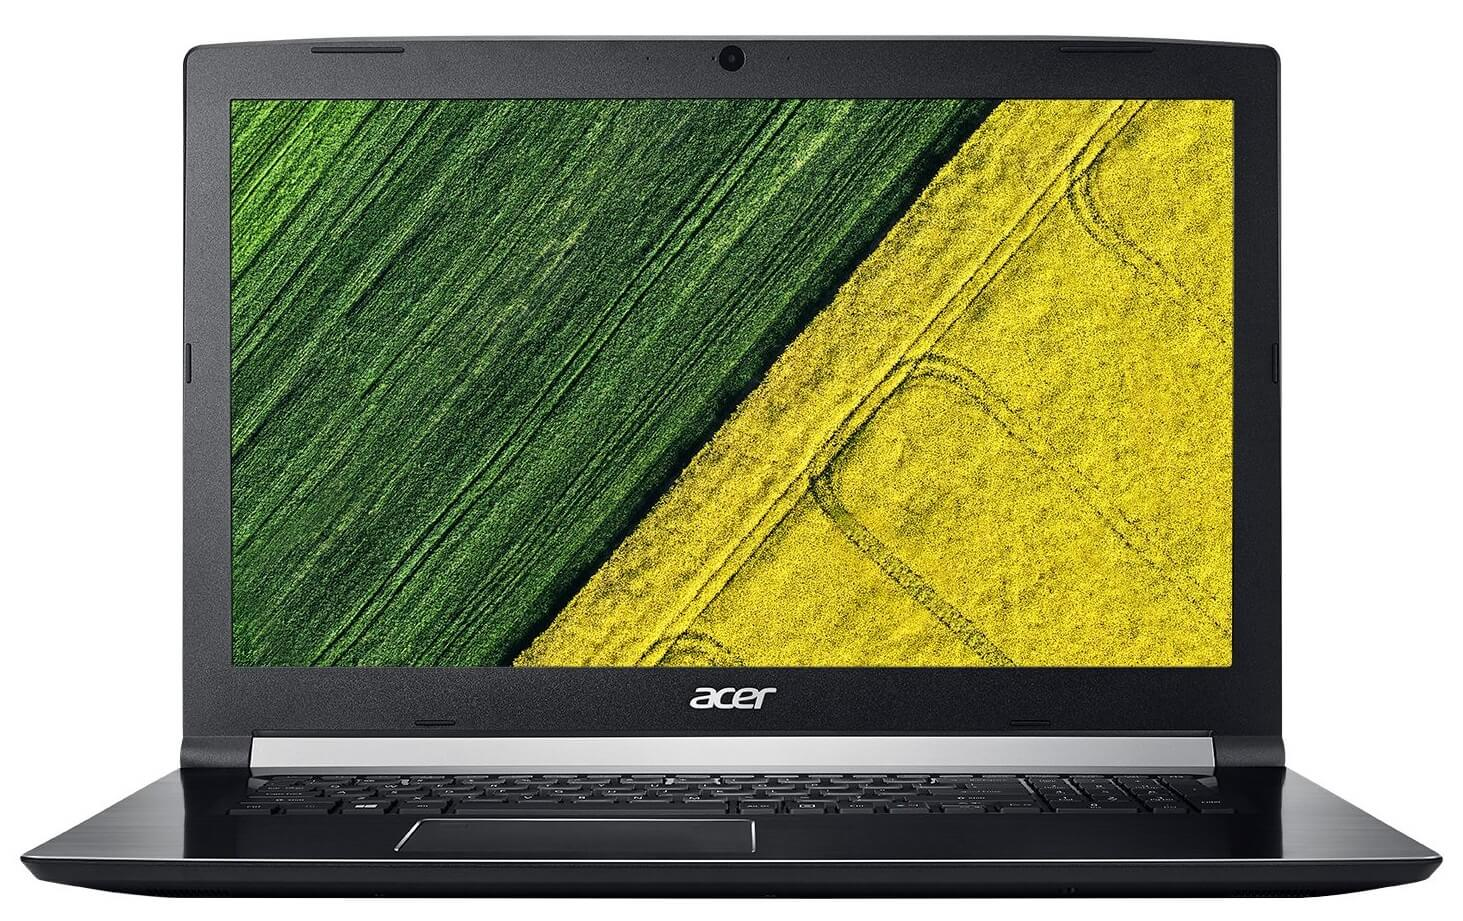 Acer Aspire A717-71G-74BX